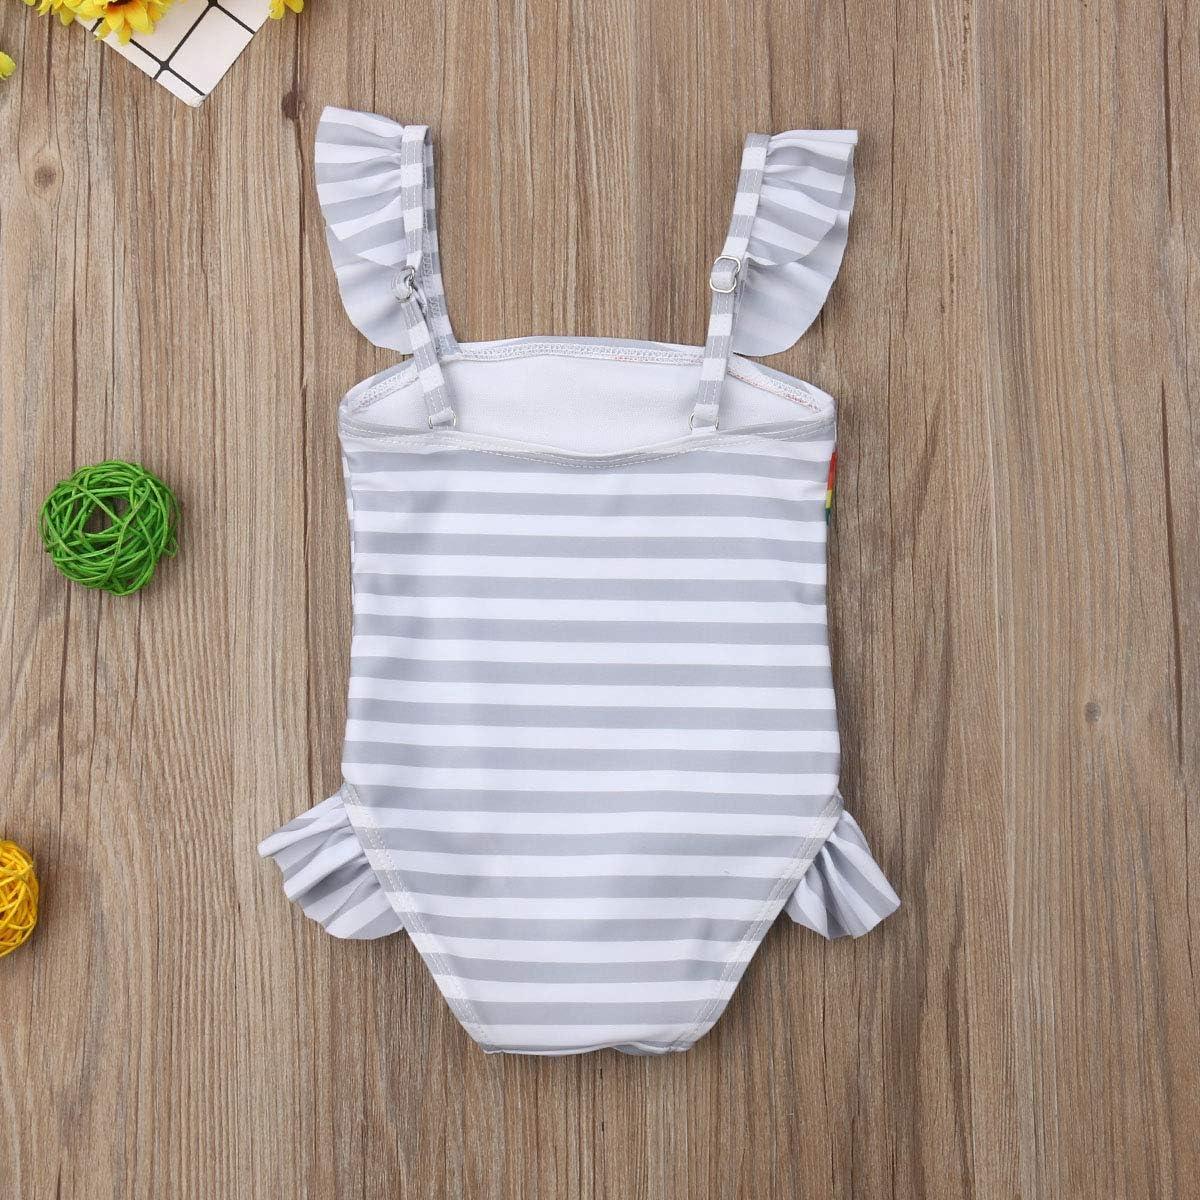 Kleinkind Baby M/ädchen Big Sisters Einteiler Badeanzug Zwillinge Regenbogen Druck Gestreift Strand Bademode Bikinis